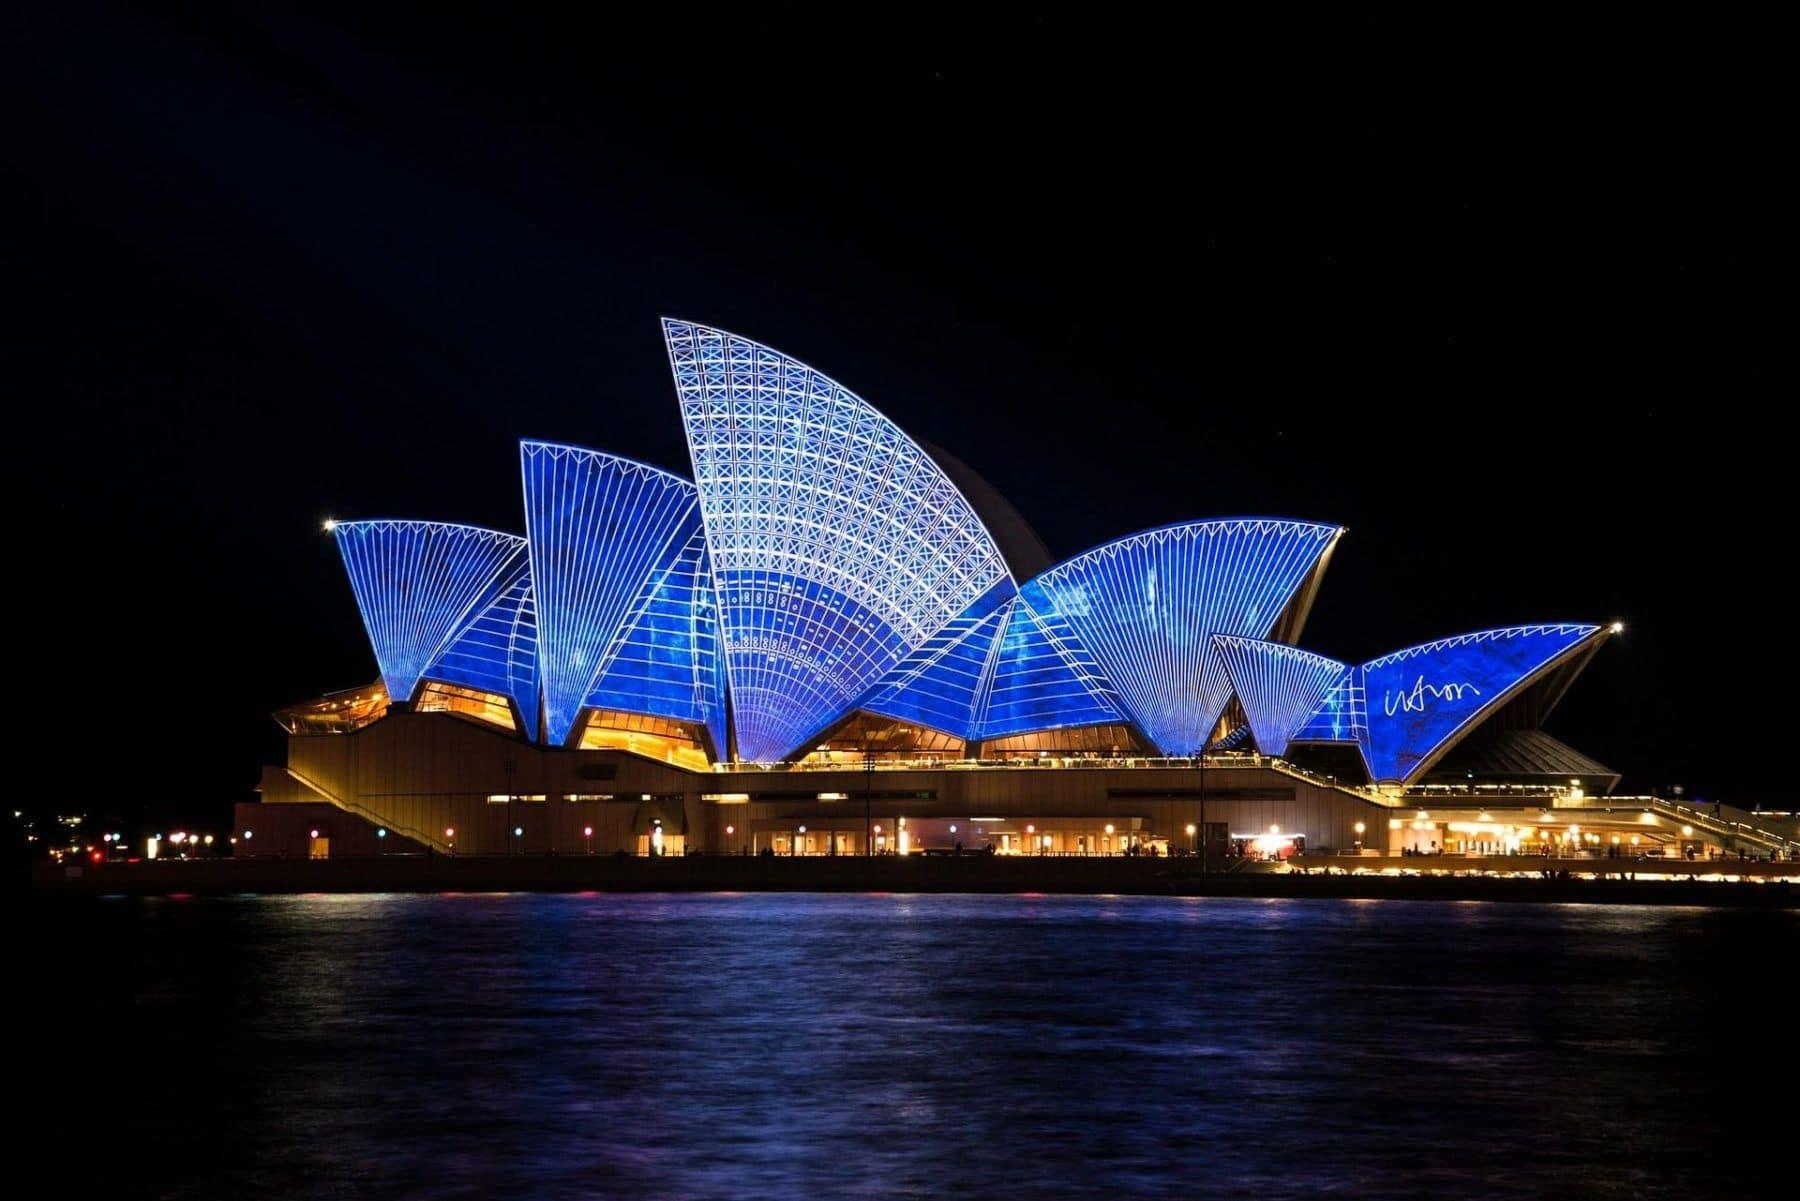 Sprachreisen Australien Erfahrungsberichte